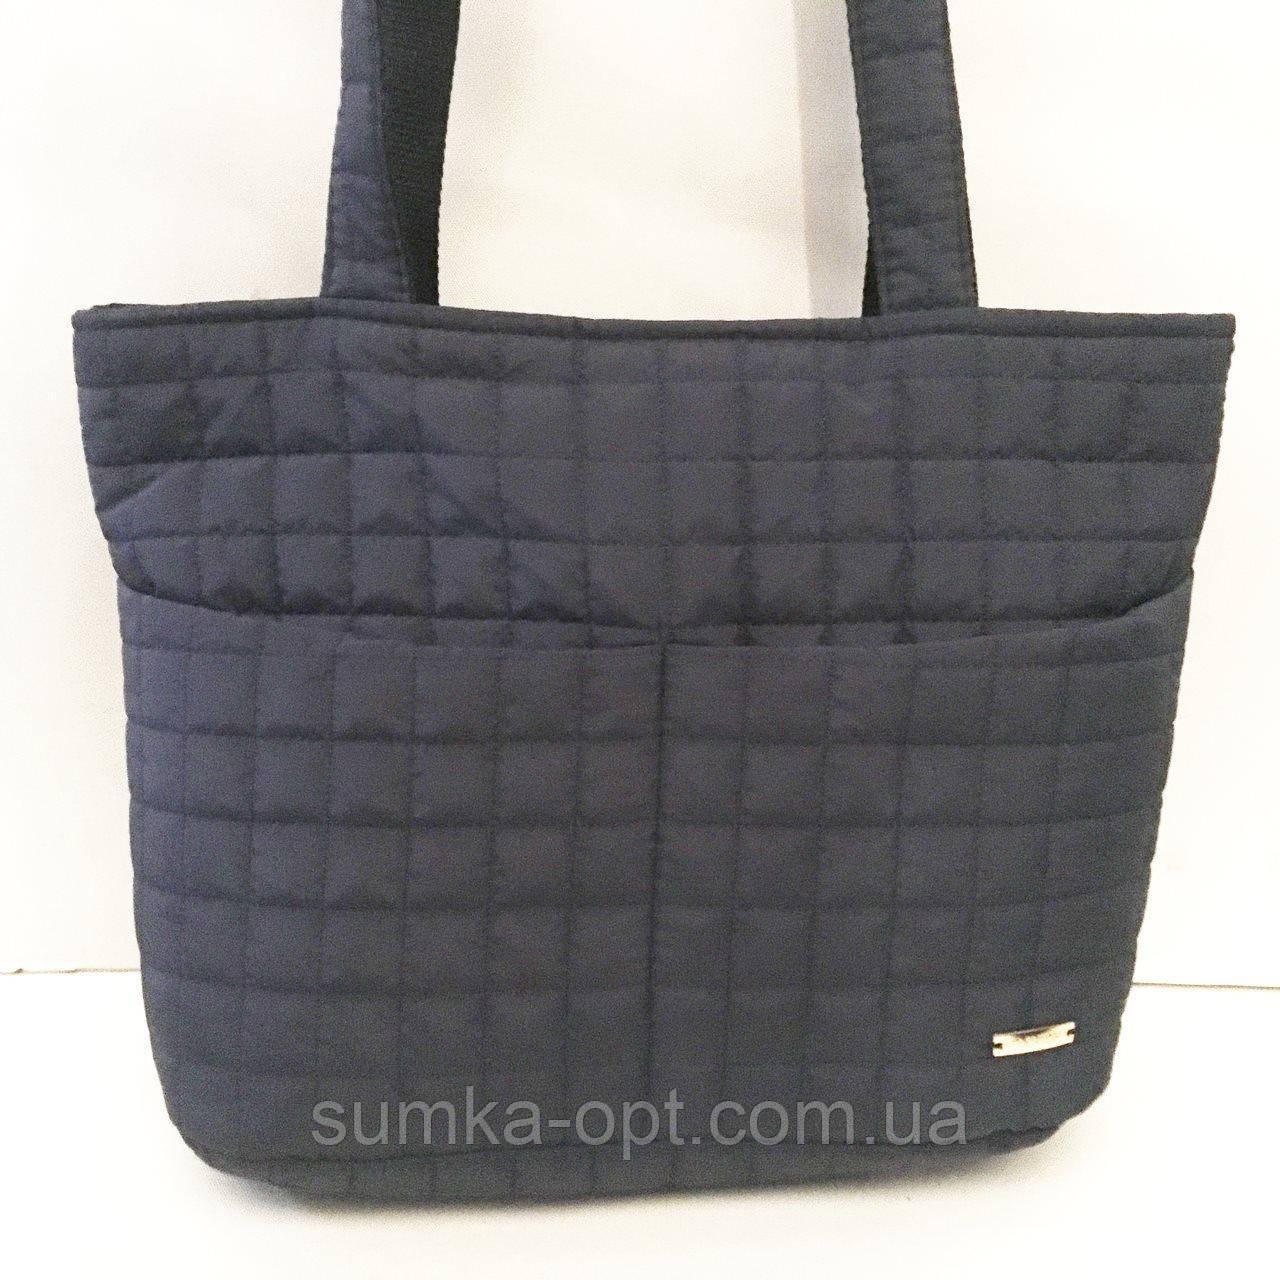 Женские стеганные сумки дешево опт до 100грн (синий)26*40см